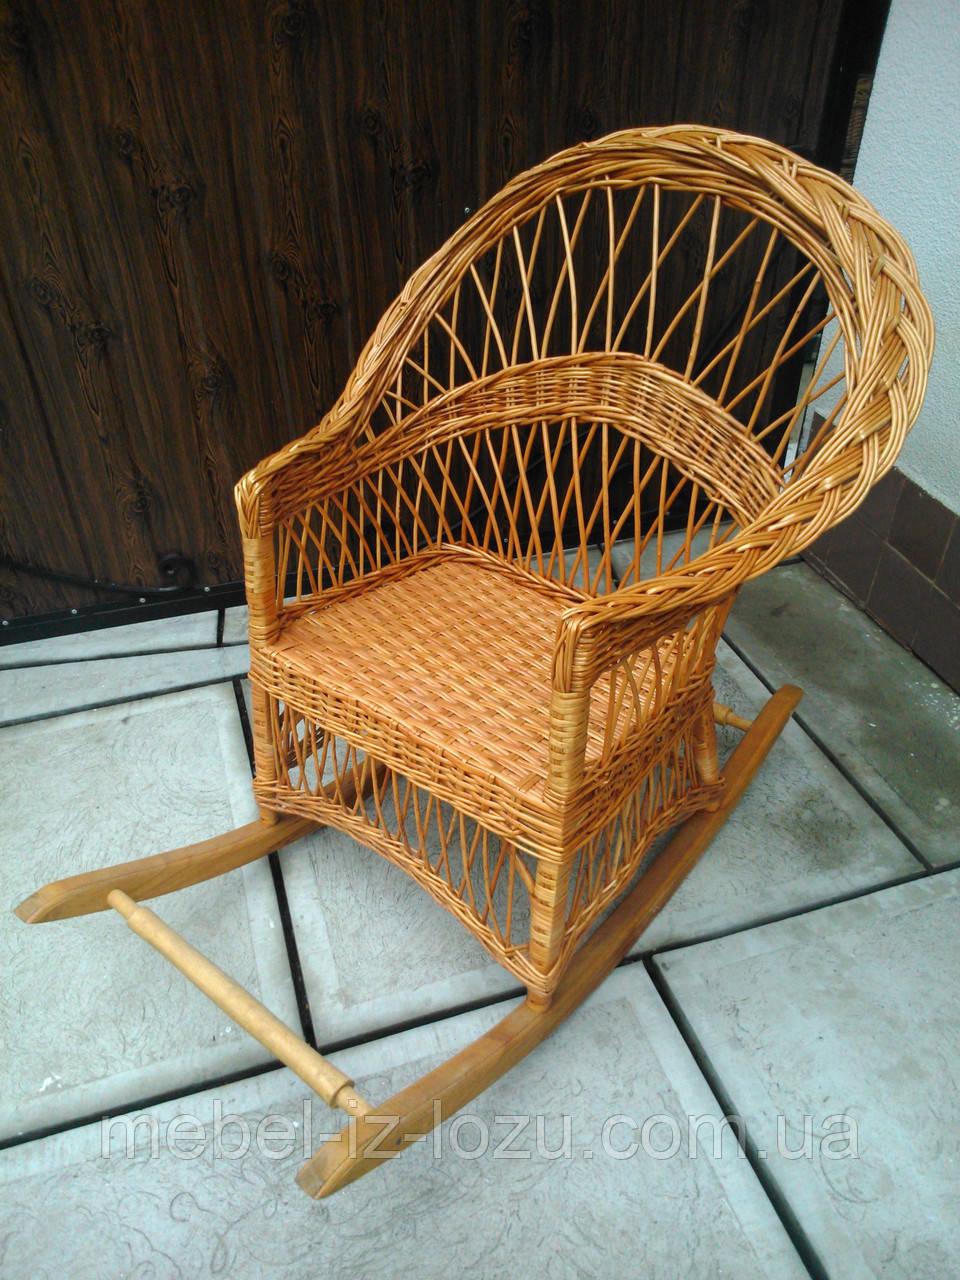 """Кресло-качалка """"Обычная"""" - Мебель из лозы --- Интернет-магазин изделий из лозы в Закарпатской области"""